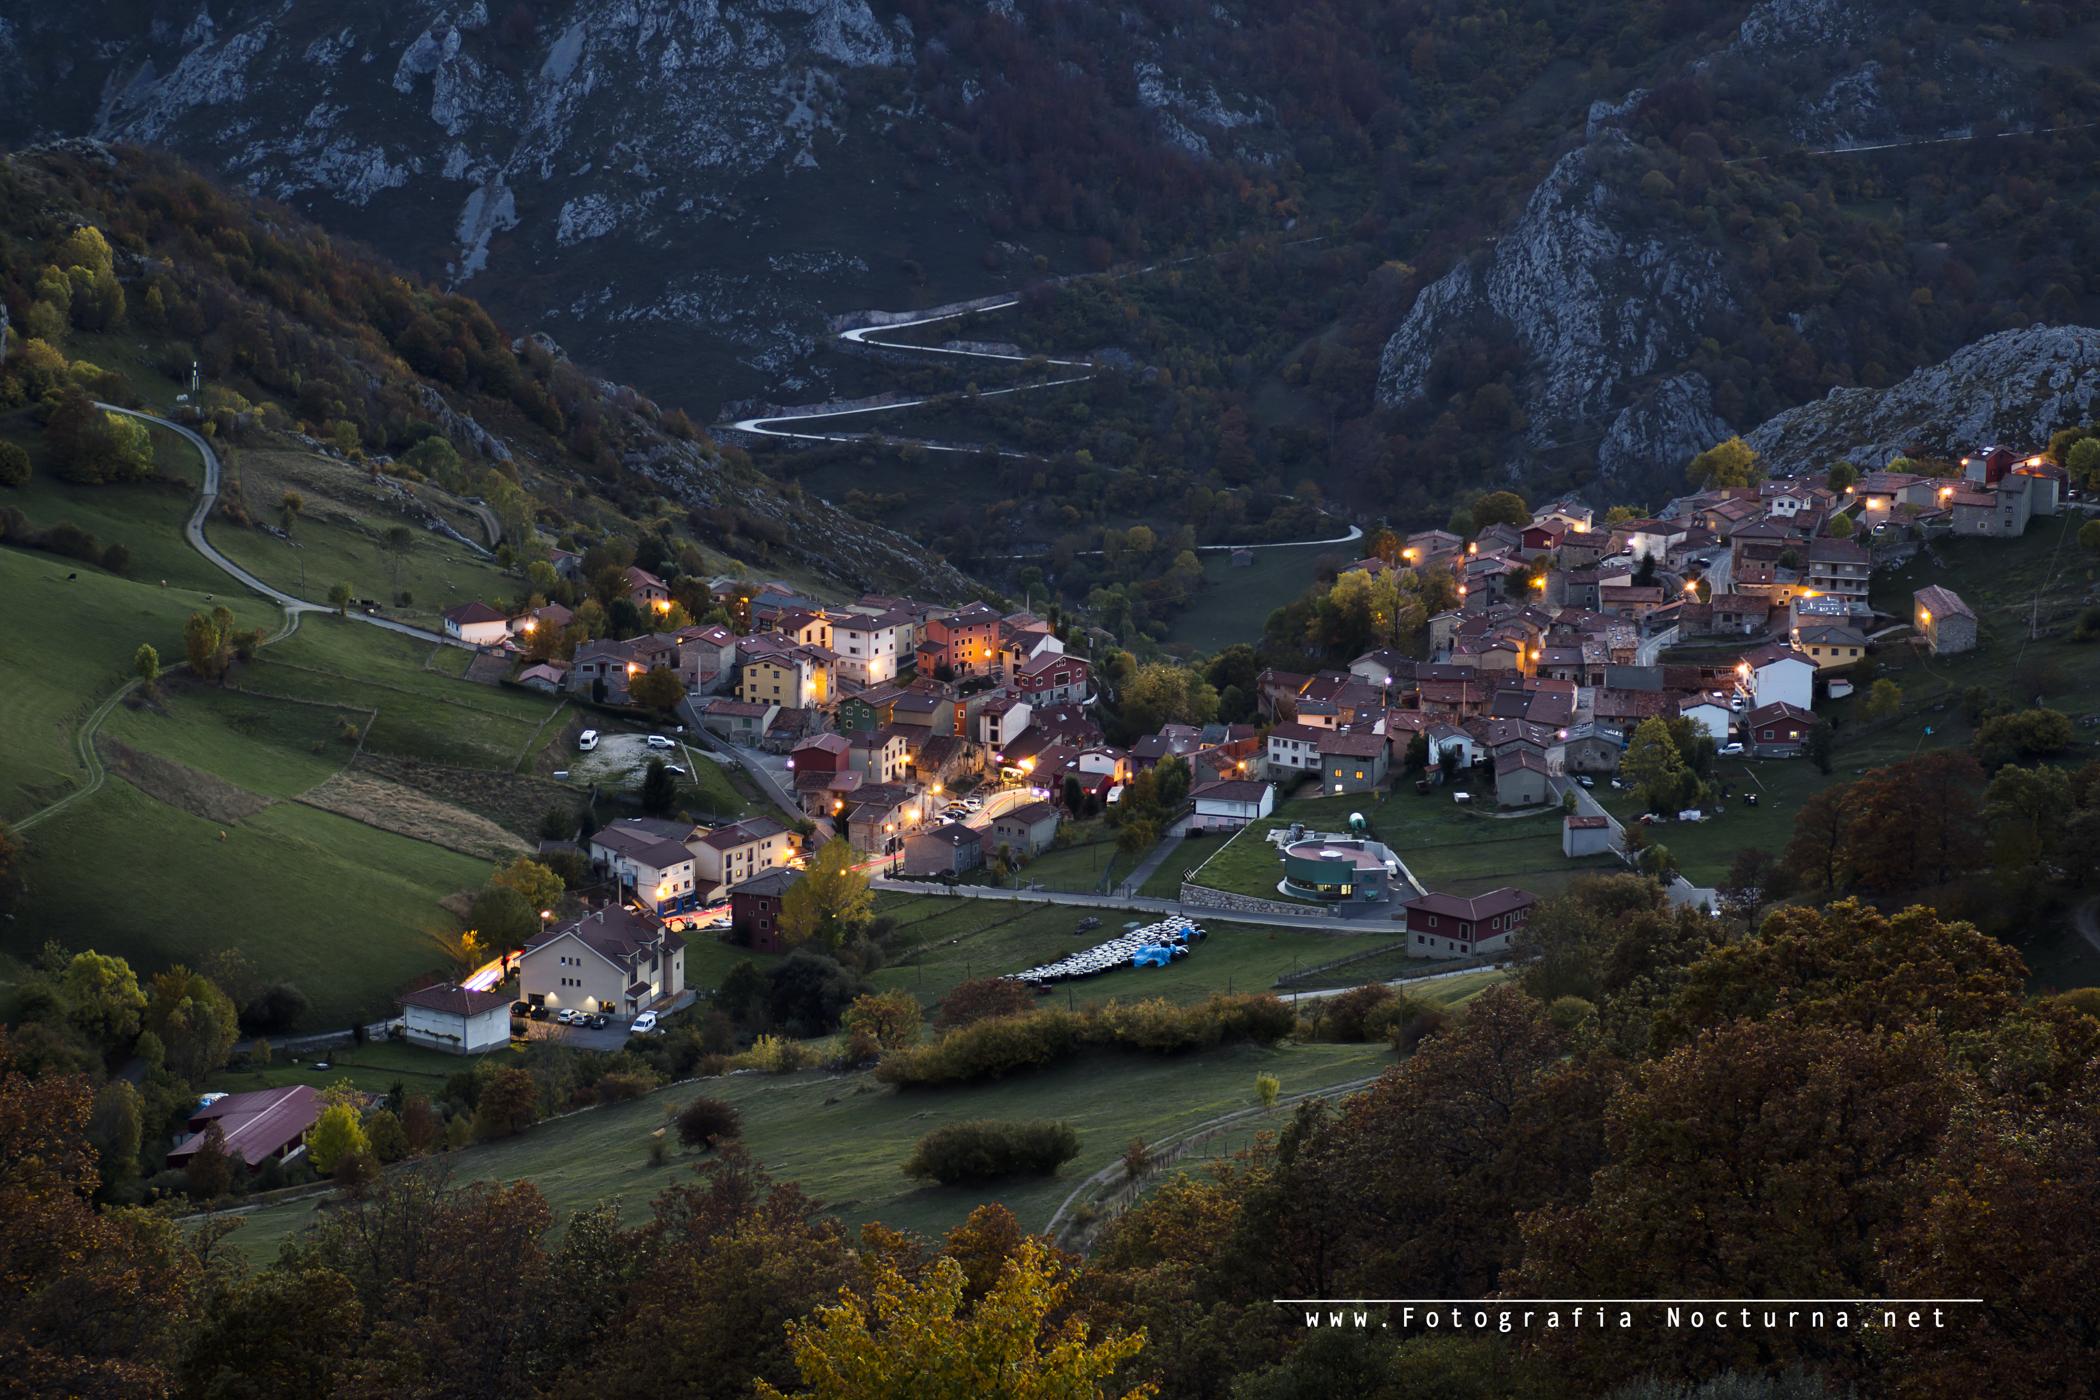 Sotres (Asturias)